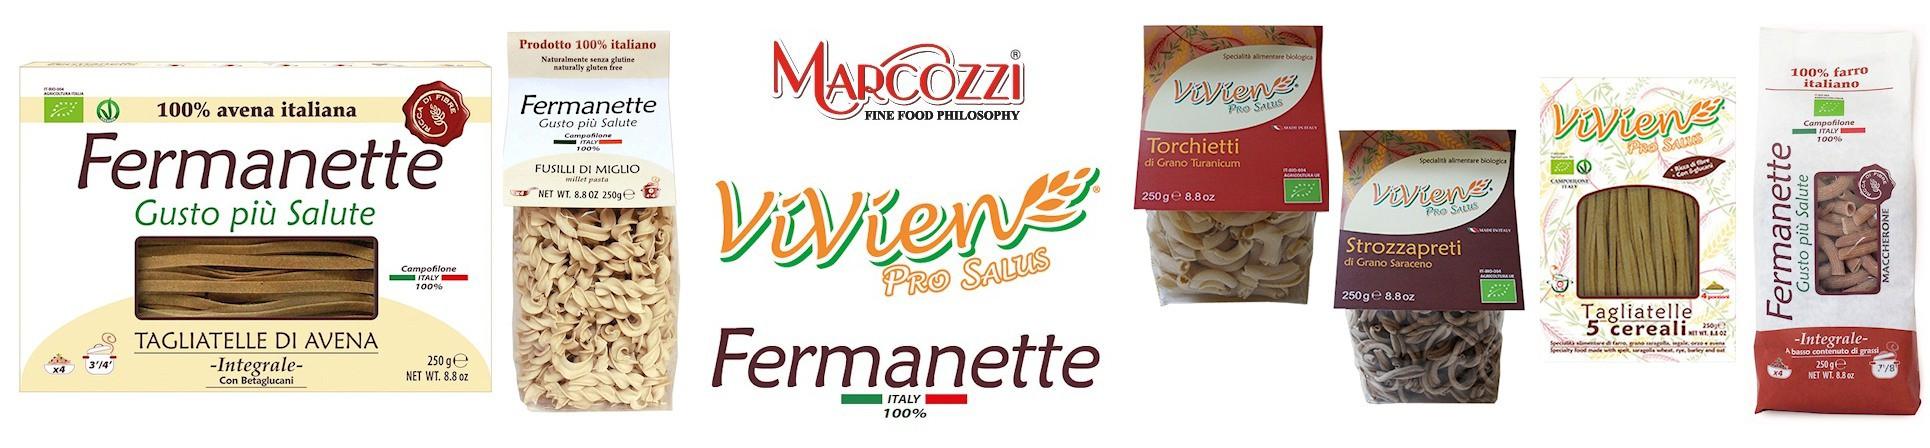 B2B GUSTOX - il Marketplace all'ingrosso delle eccellenze agroalimentari italiane - Pro Salus, Fermanette - PASTIFICIO MARCOZZI